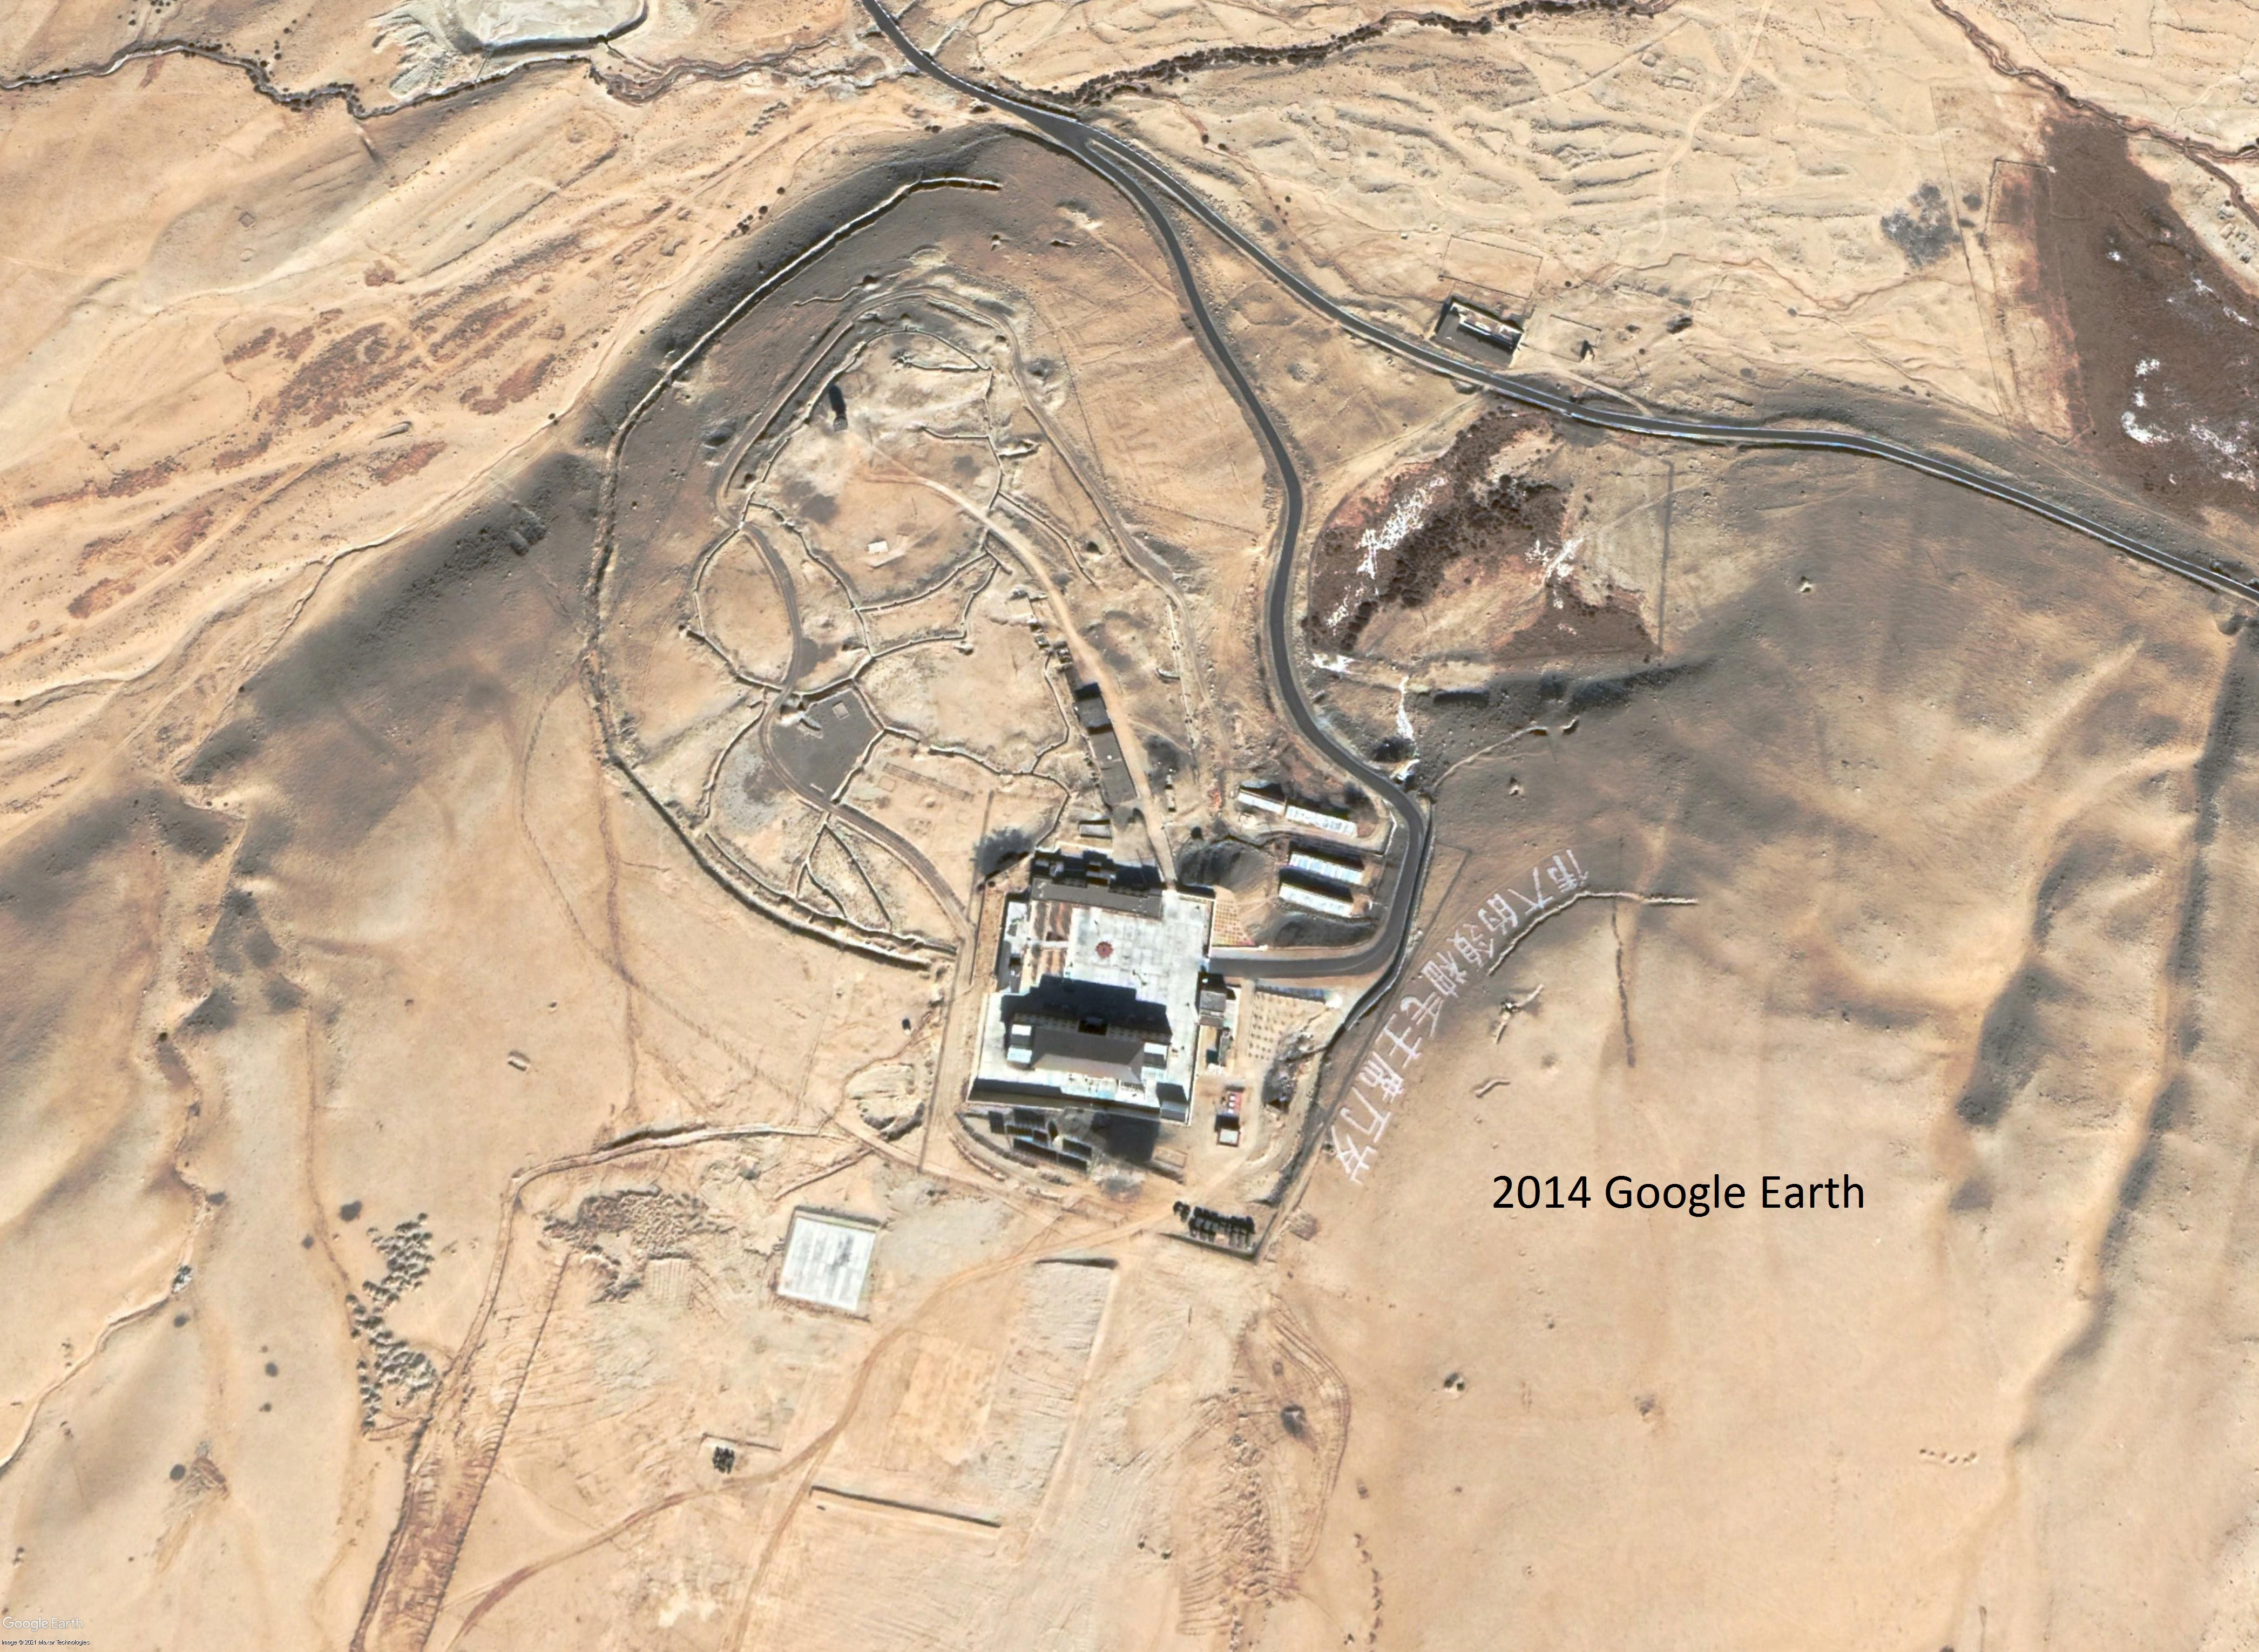 Zhaxigangxiang GE Base.jpg